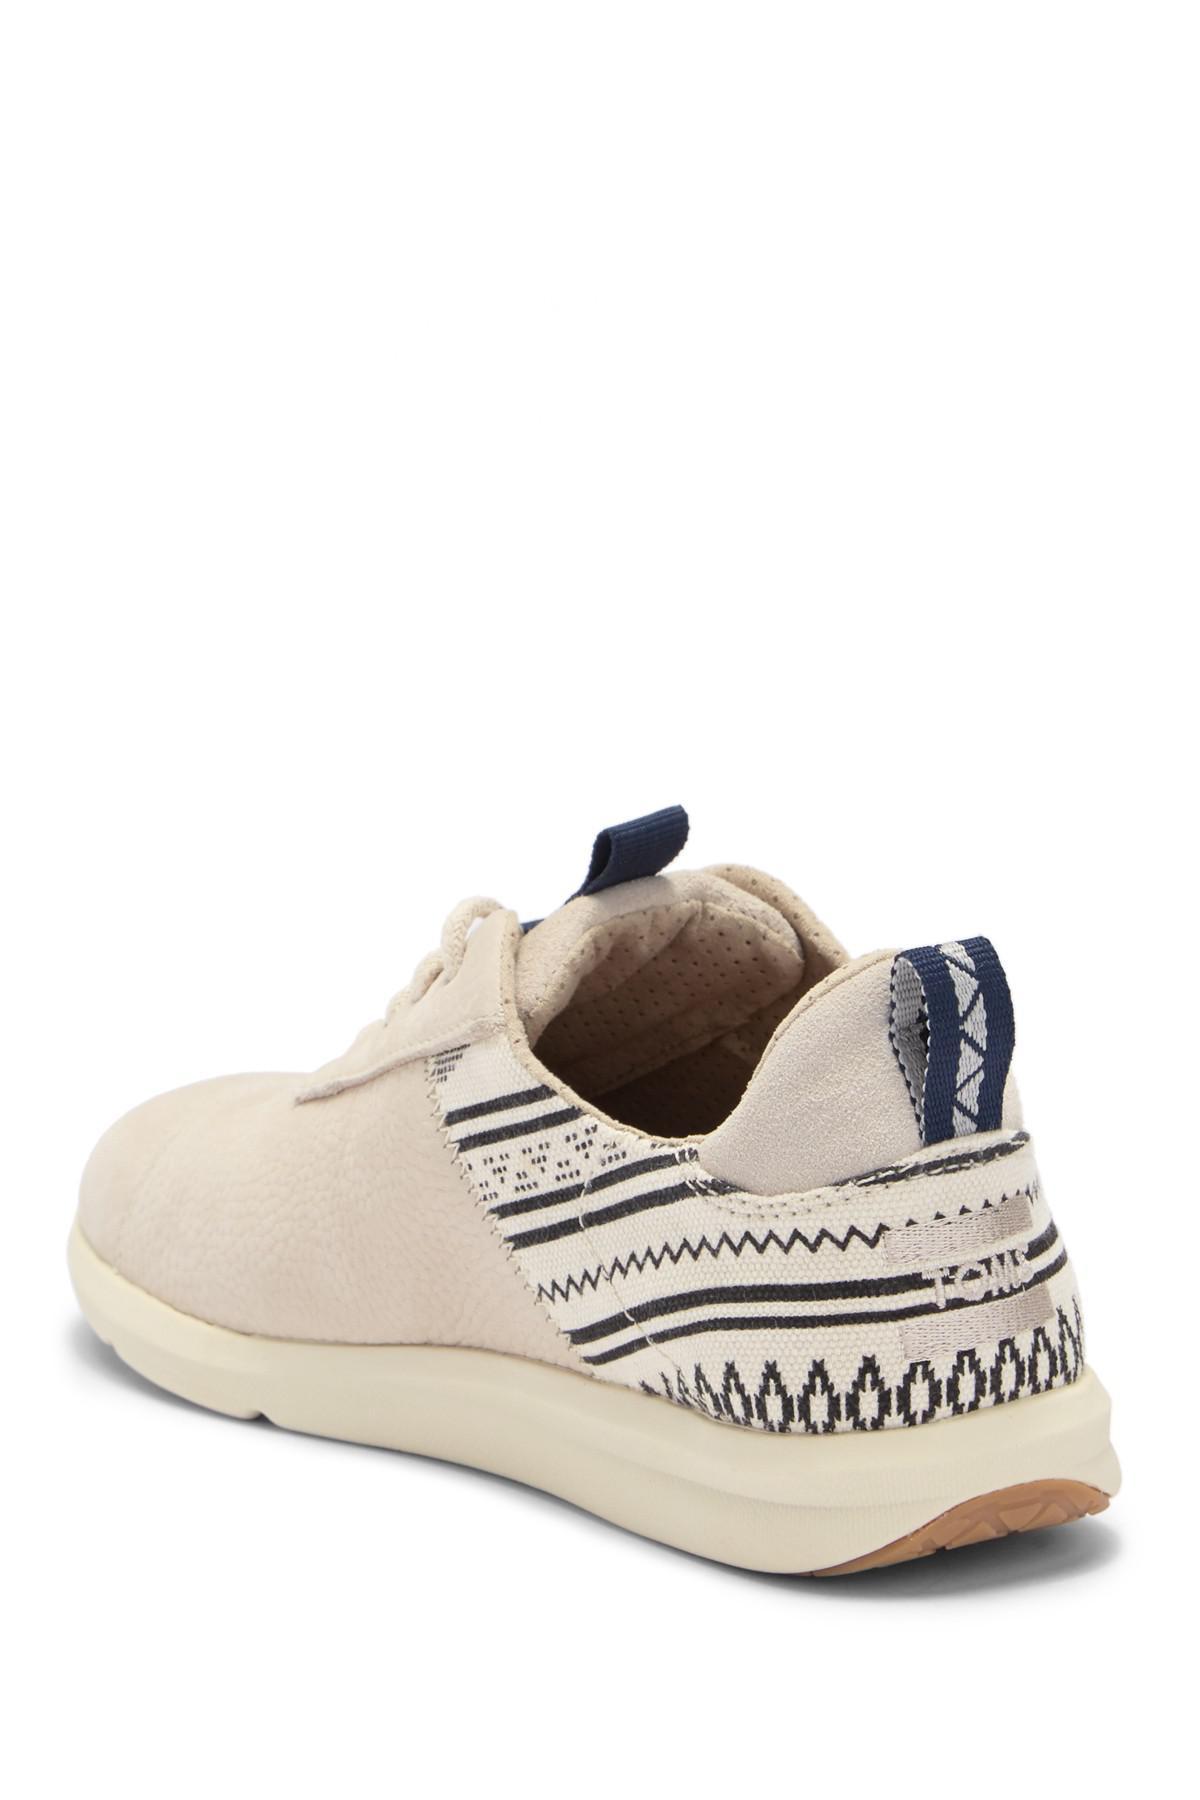 33b6450b7152 TOMS - Multicolor Birch Cabrillo Leather Sneaker - Lyst. View fullscreen